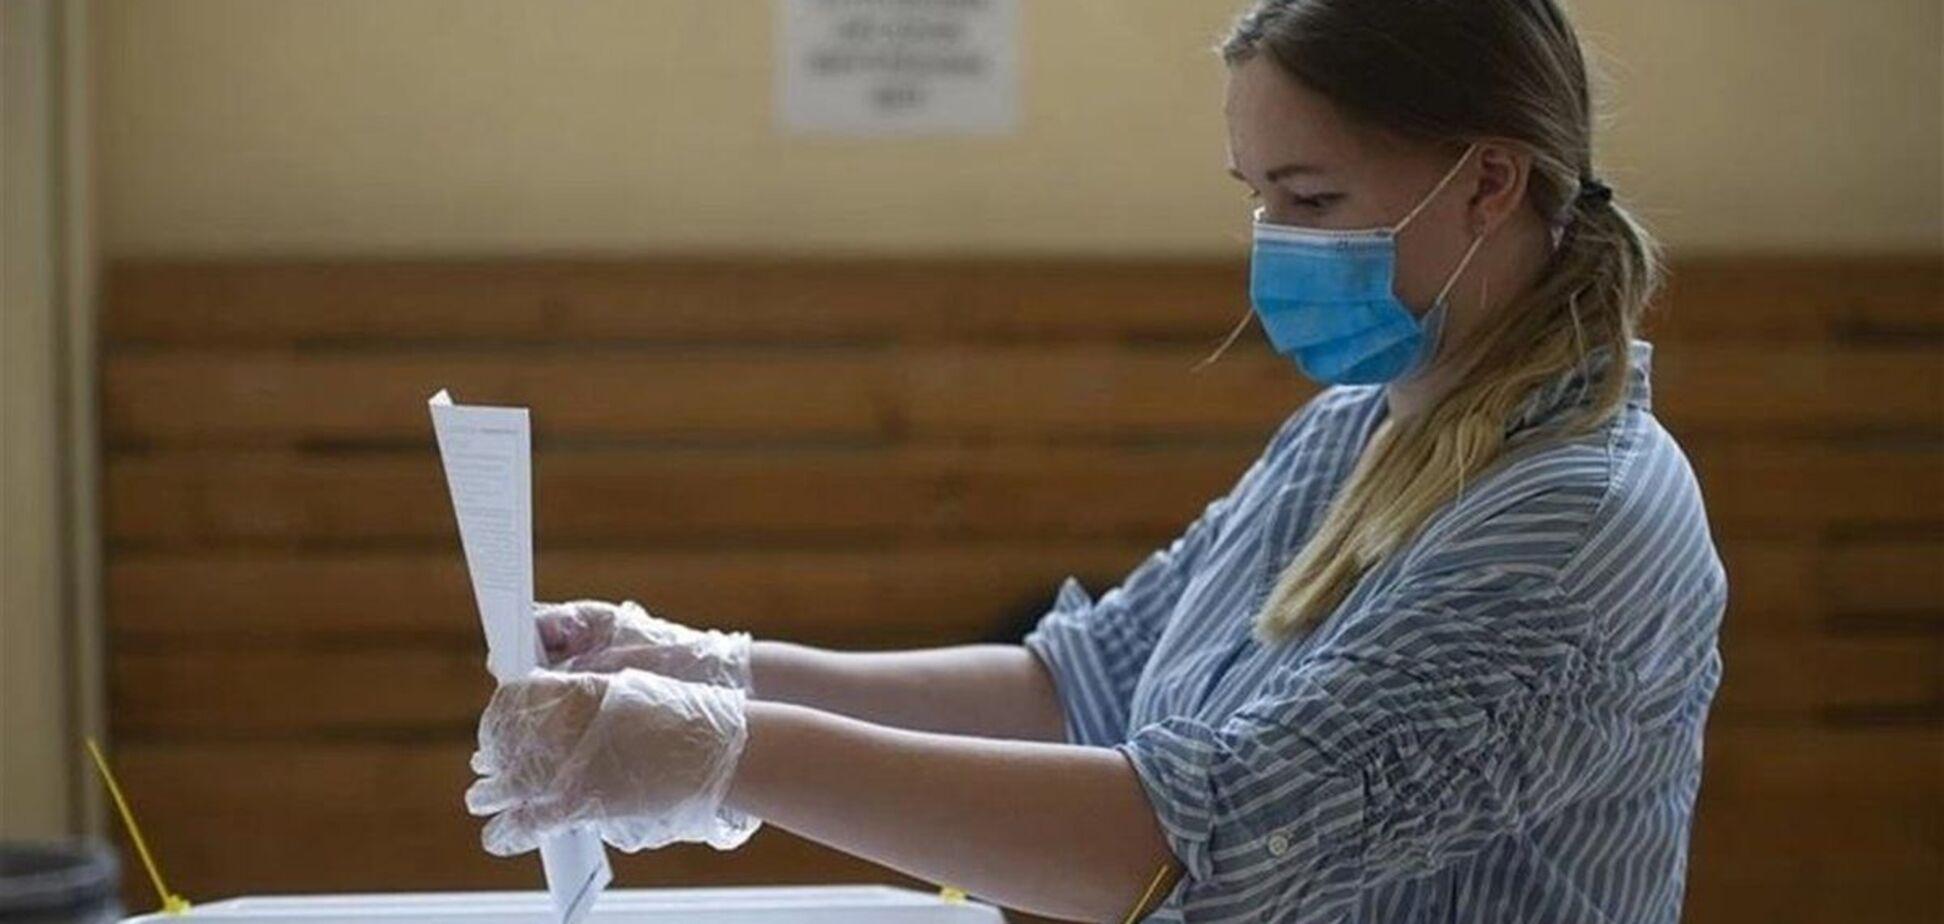 Выборы могут значительно ухудшить ситуацию с коронавирусом в Украине